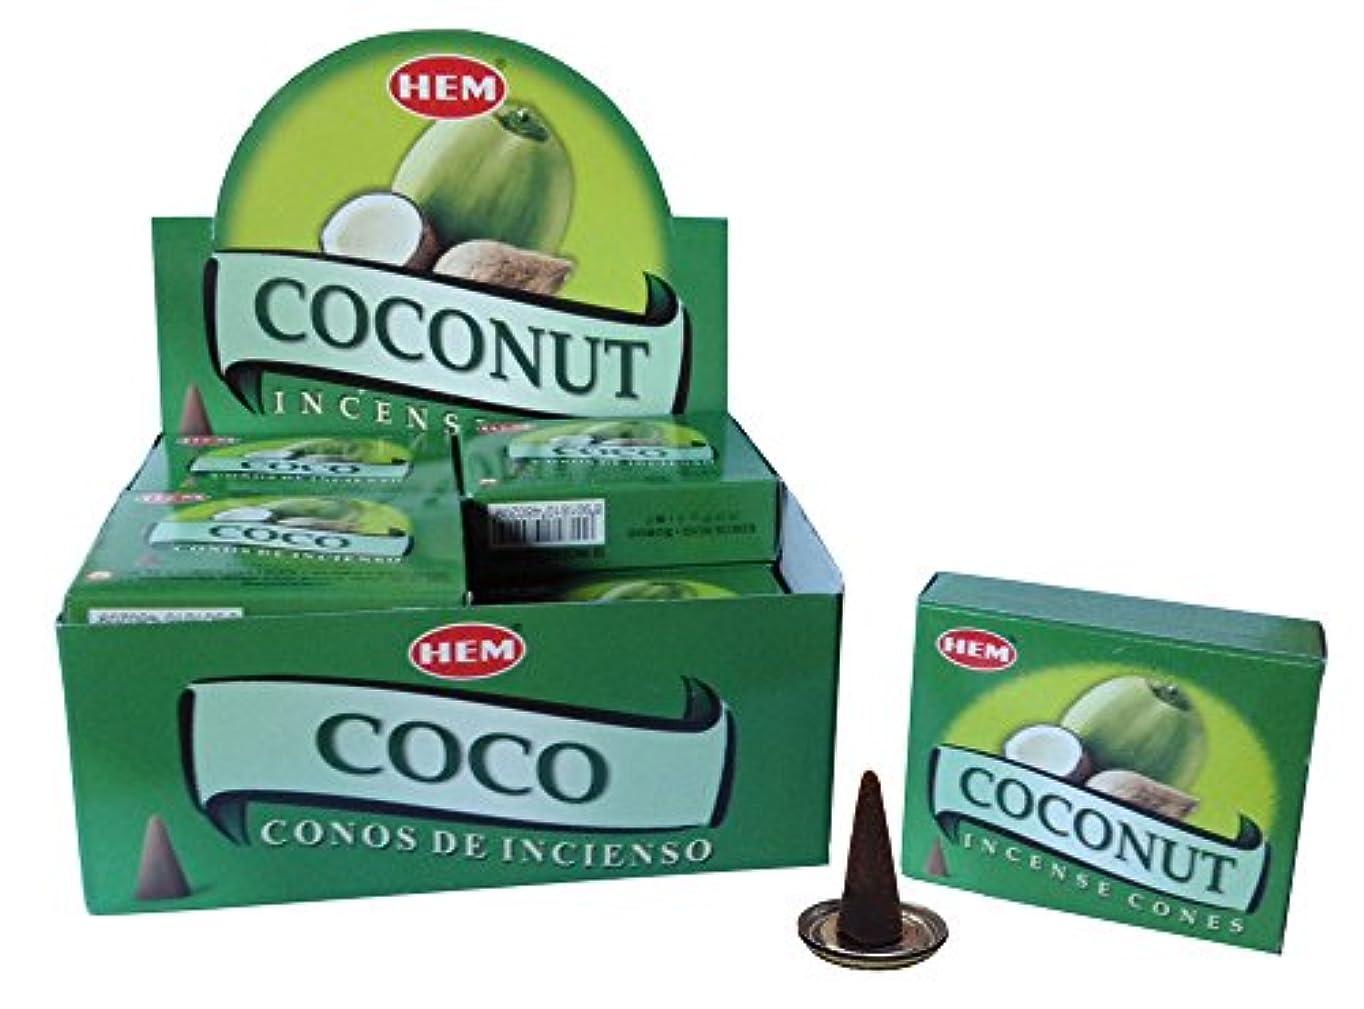 バスト上に築きます補うHEM ココナッツ コーン 12個セット